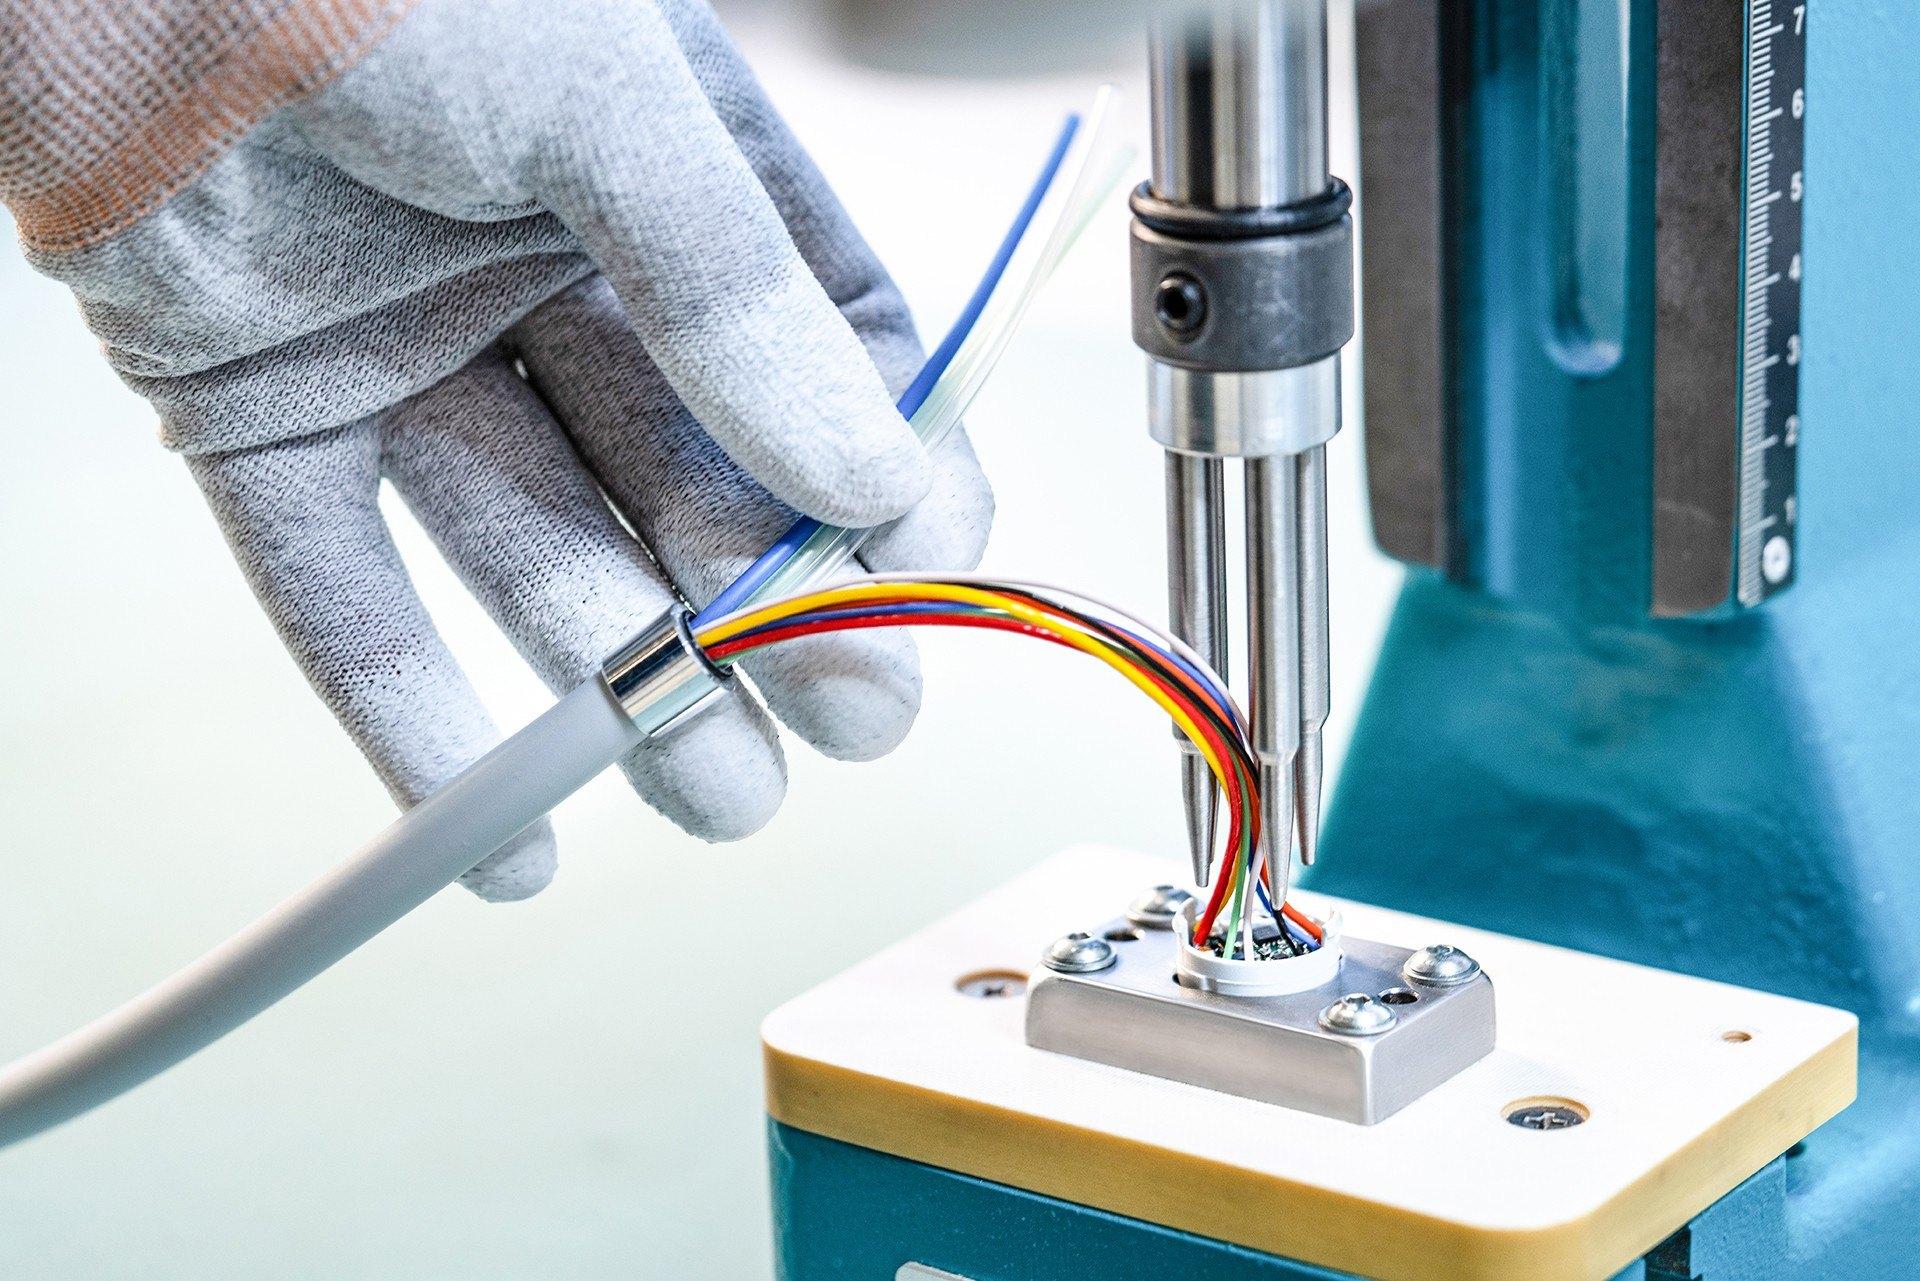 Darstellung einer Nippel-Vormontage bei einem Sensorschlauch